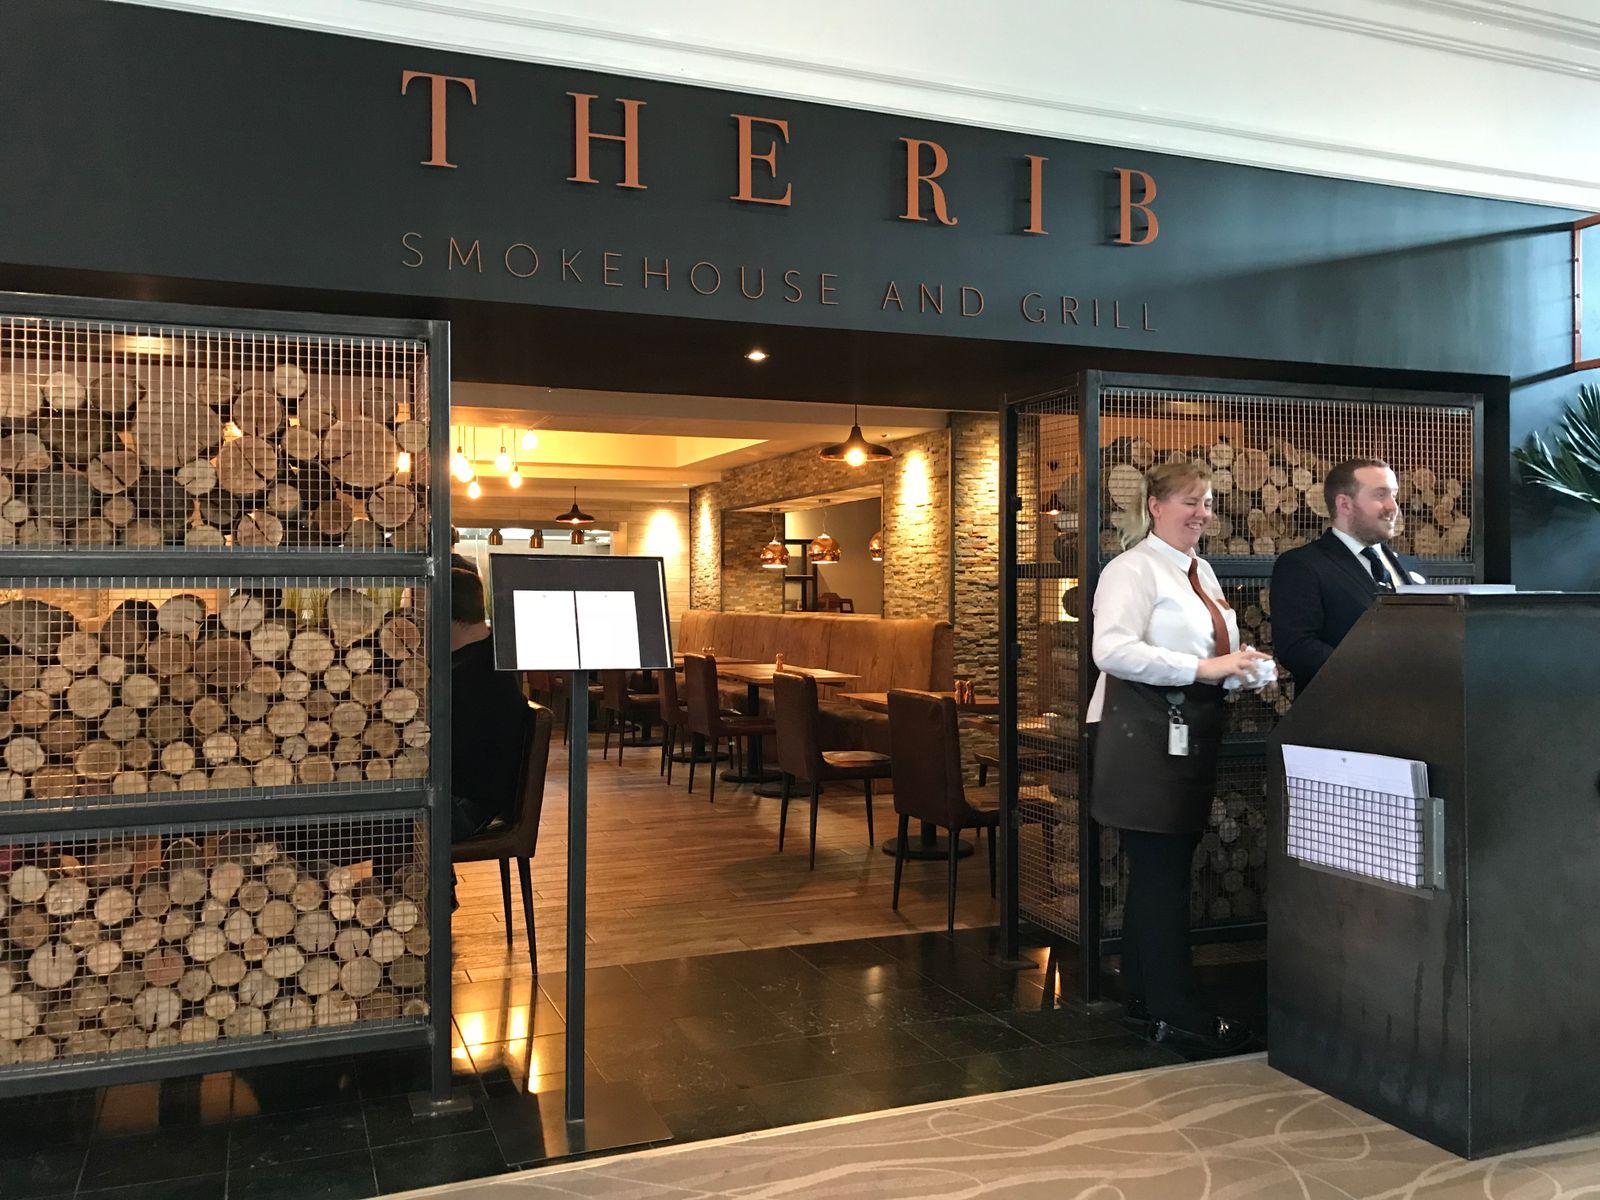 Rib Smokehouse review at Celtic Manor